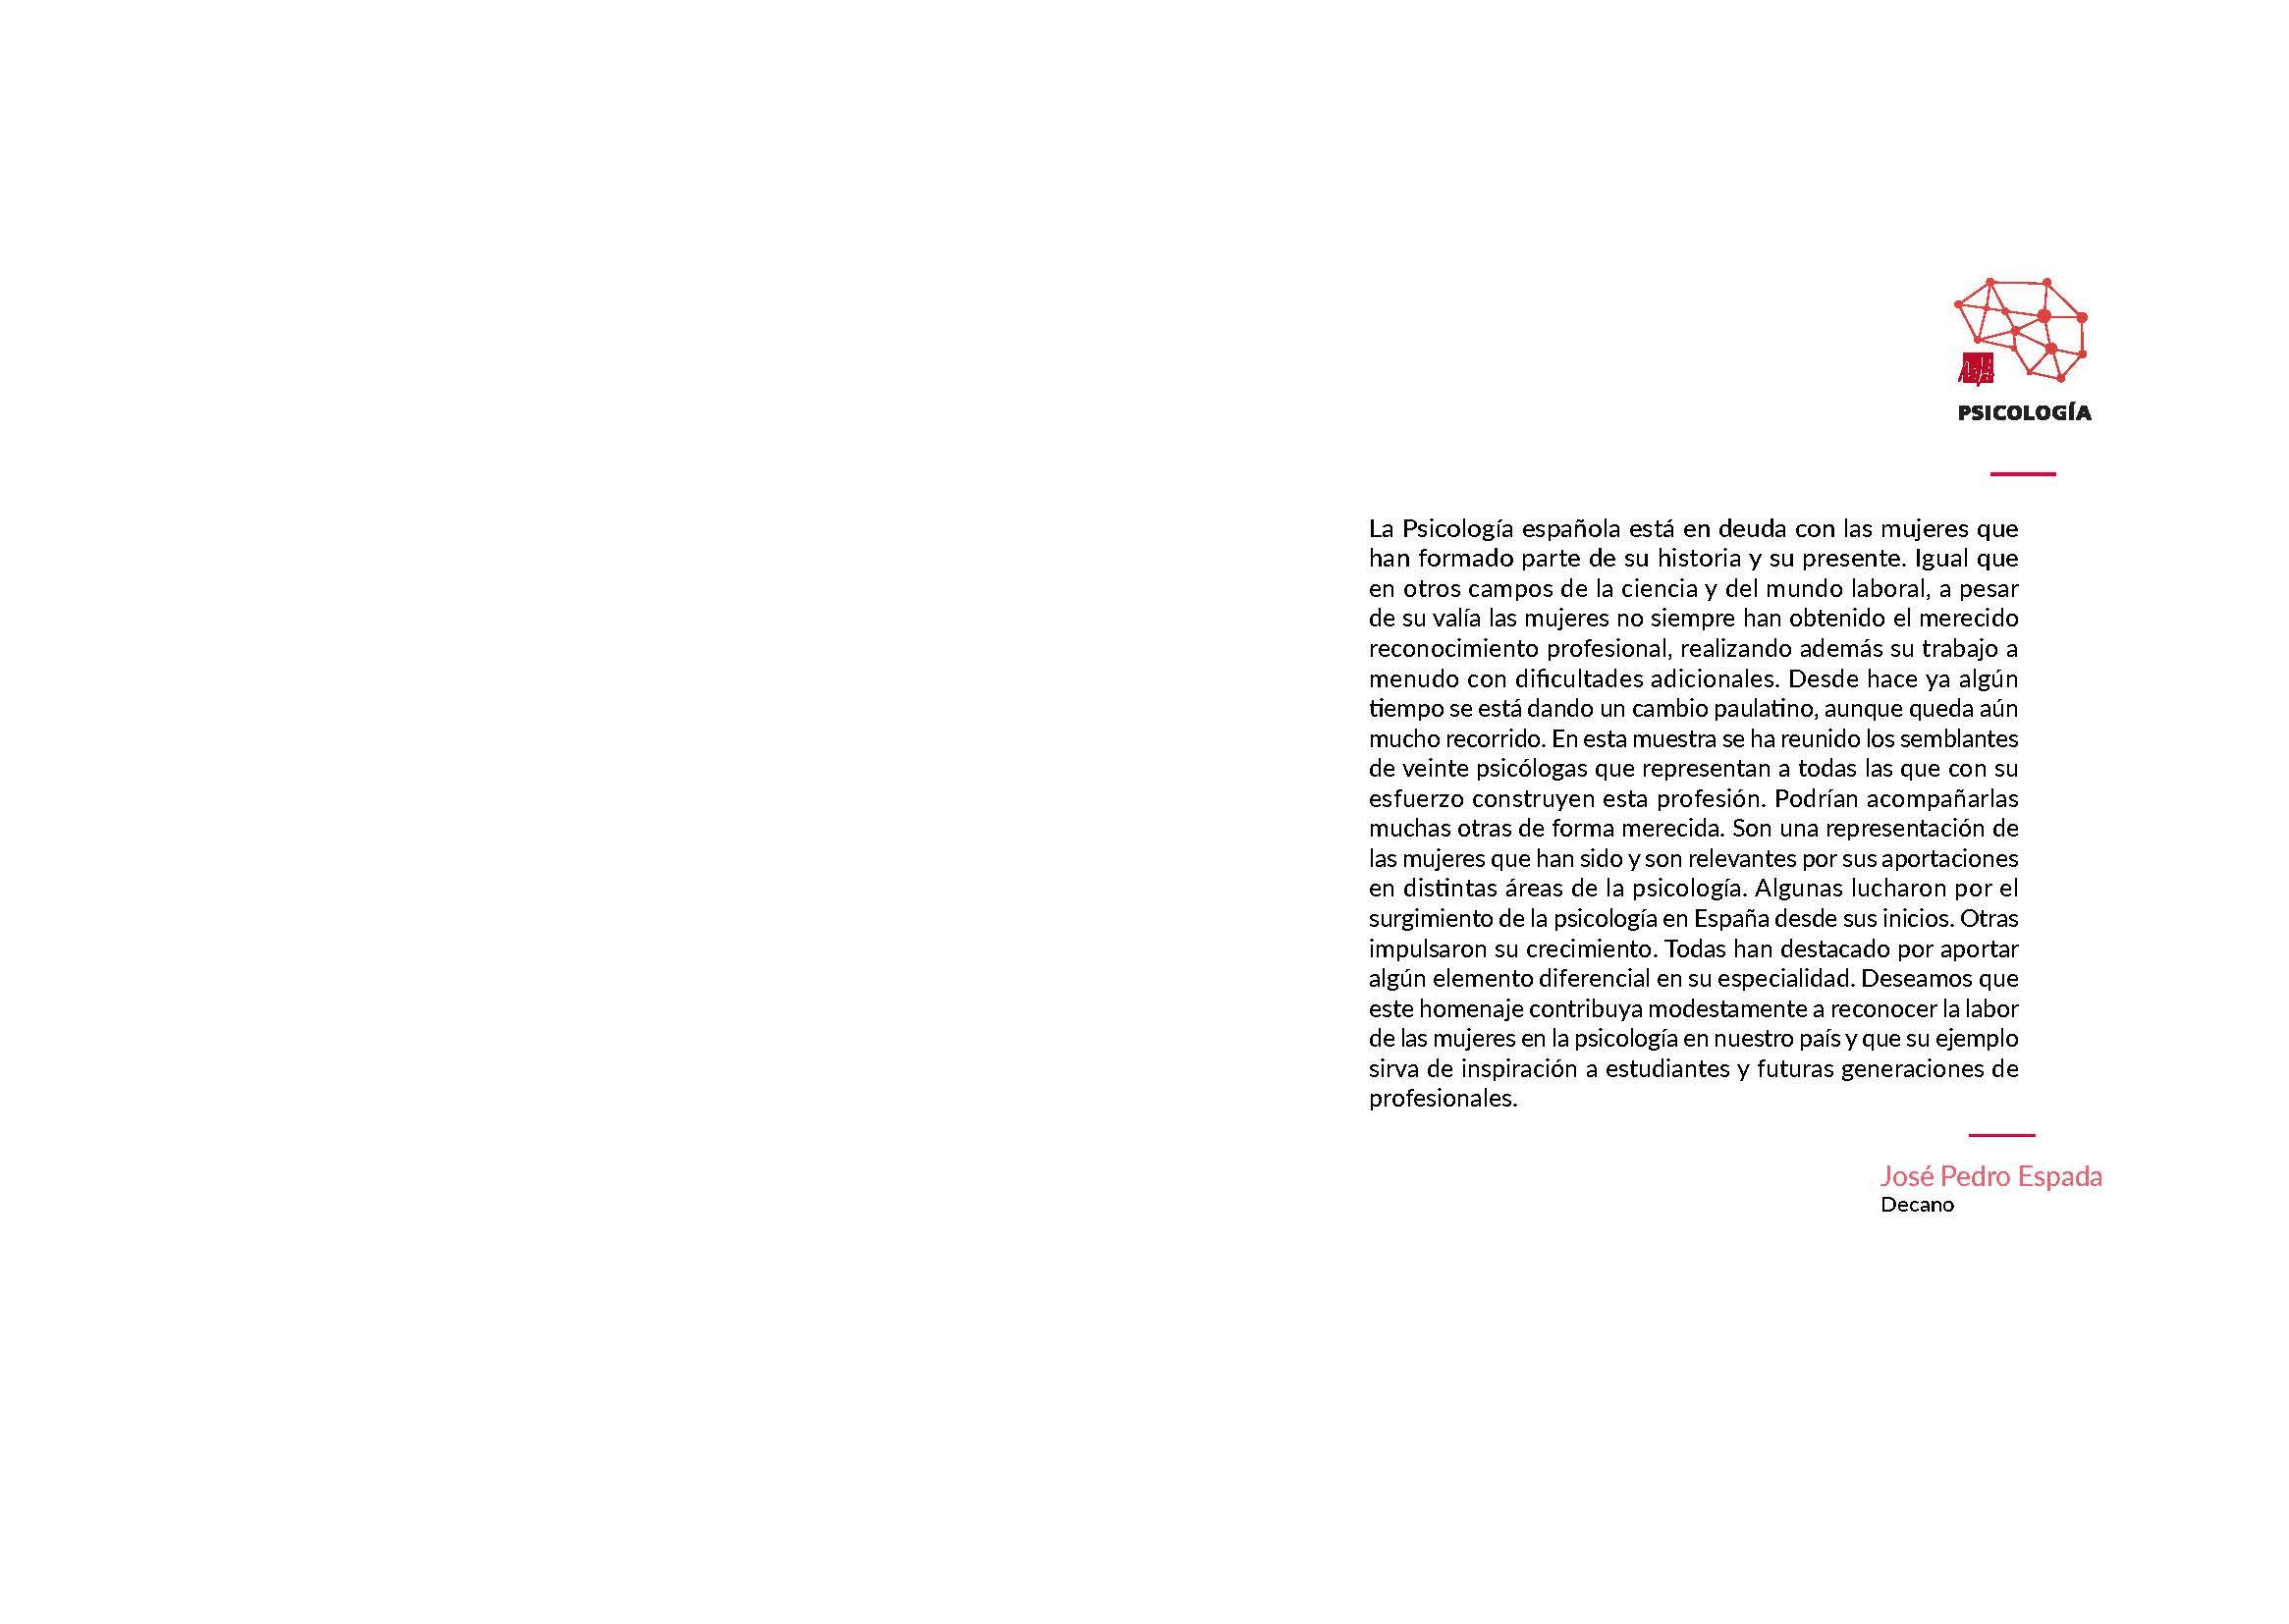 03-02-20-expo-mujeres-psicólogas-info_Página_02